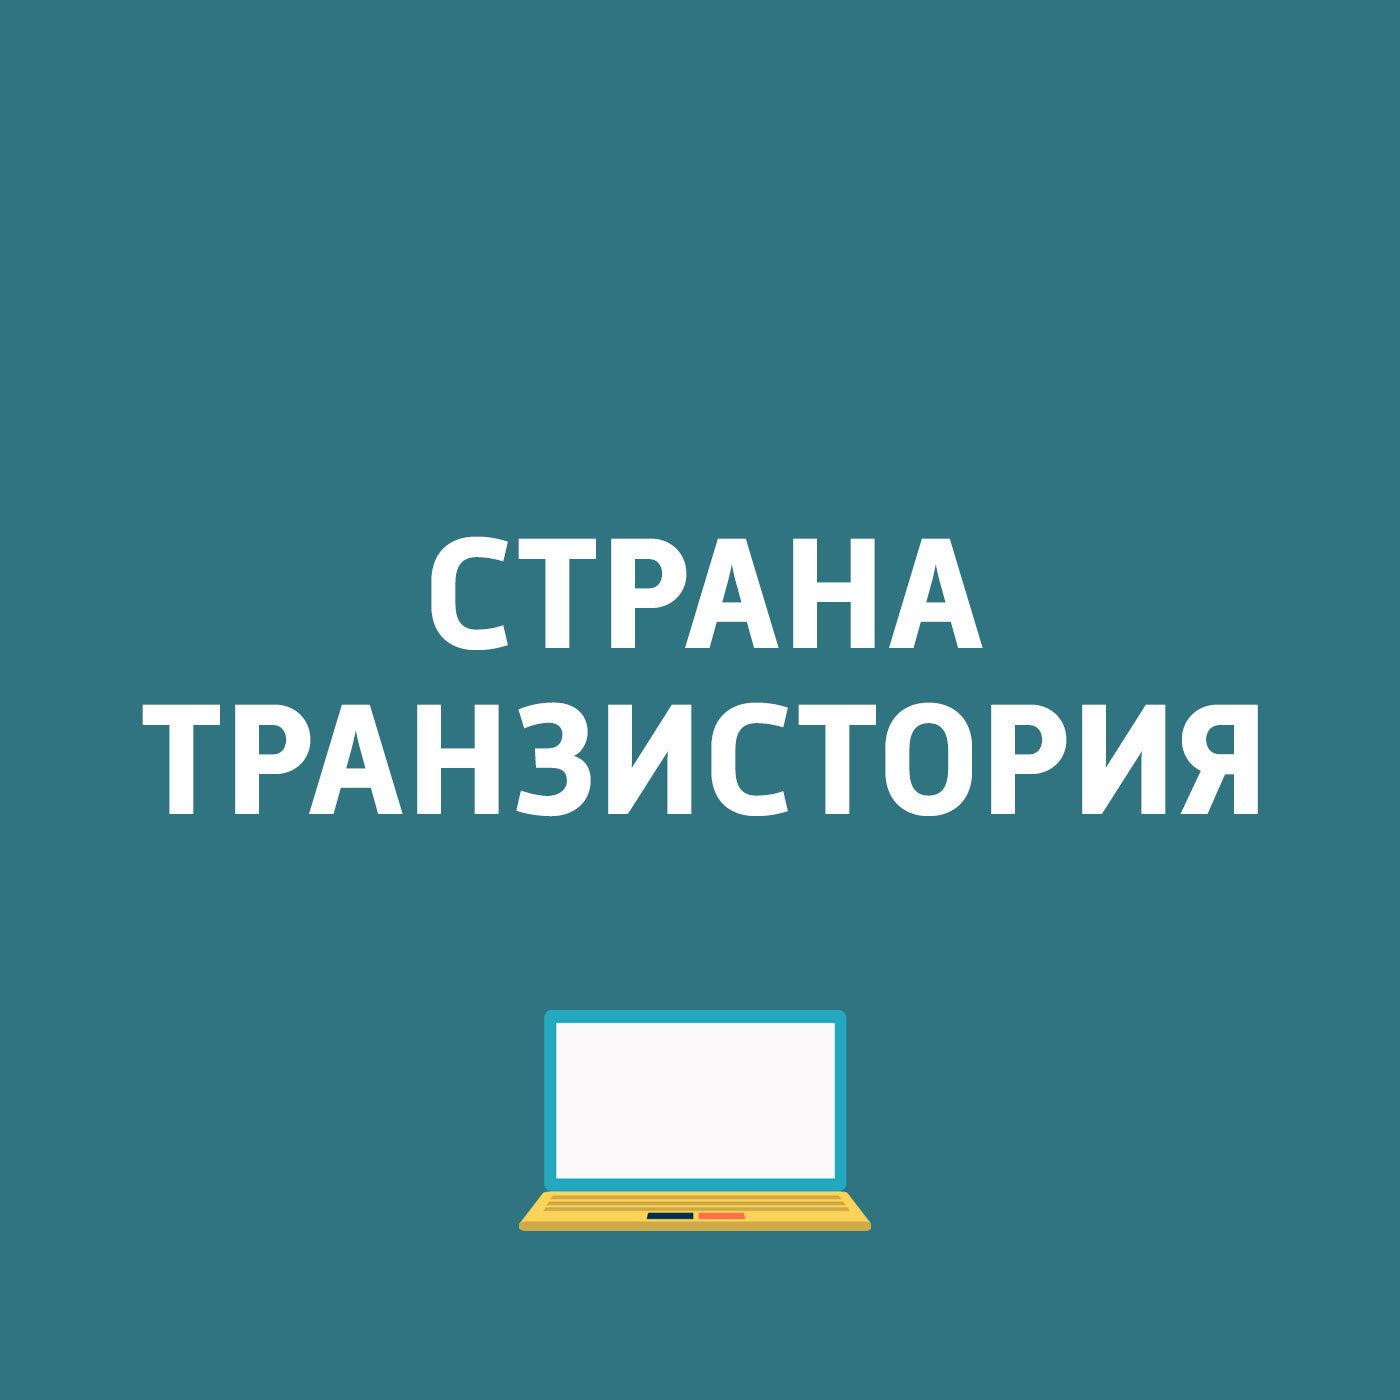 Картаев Павел Компания Petoi запустила кампанию по сбору средств на робота-котёнка Nybble картаев павел aim прекращает свою работу закат смартфонов windows 10 mobile honor 9 лучший смартфон среднего класса